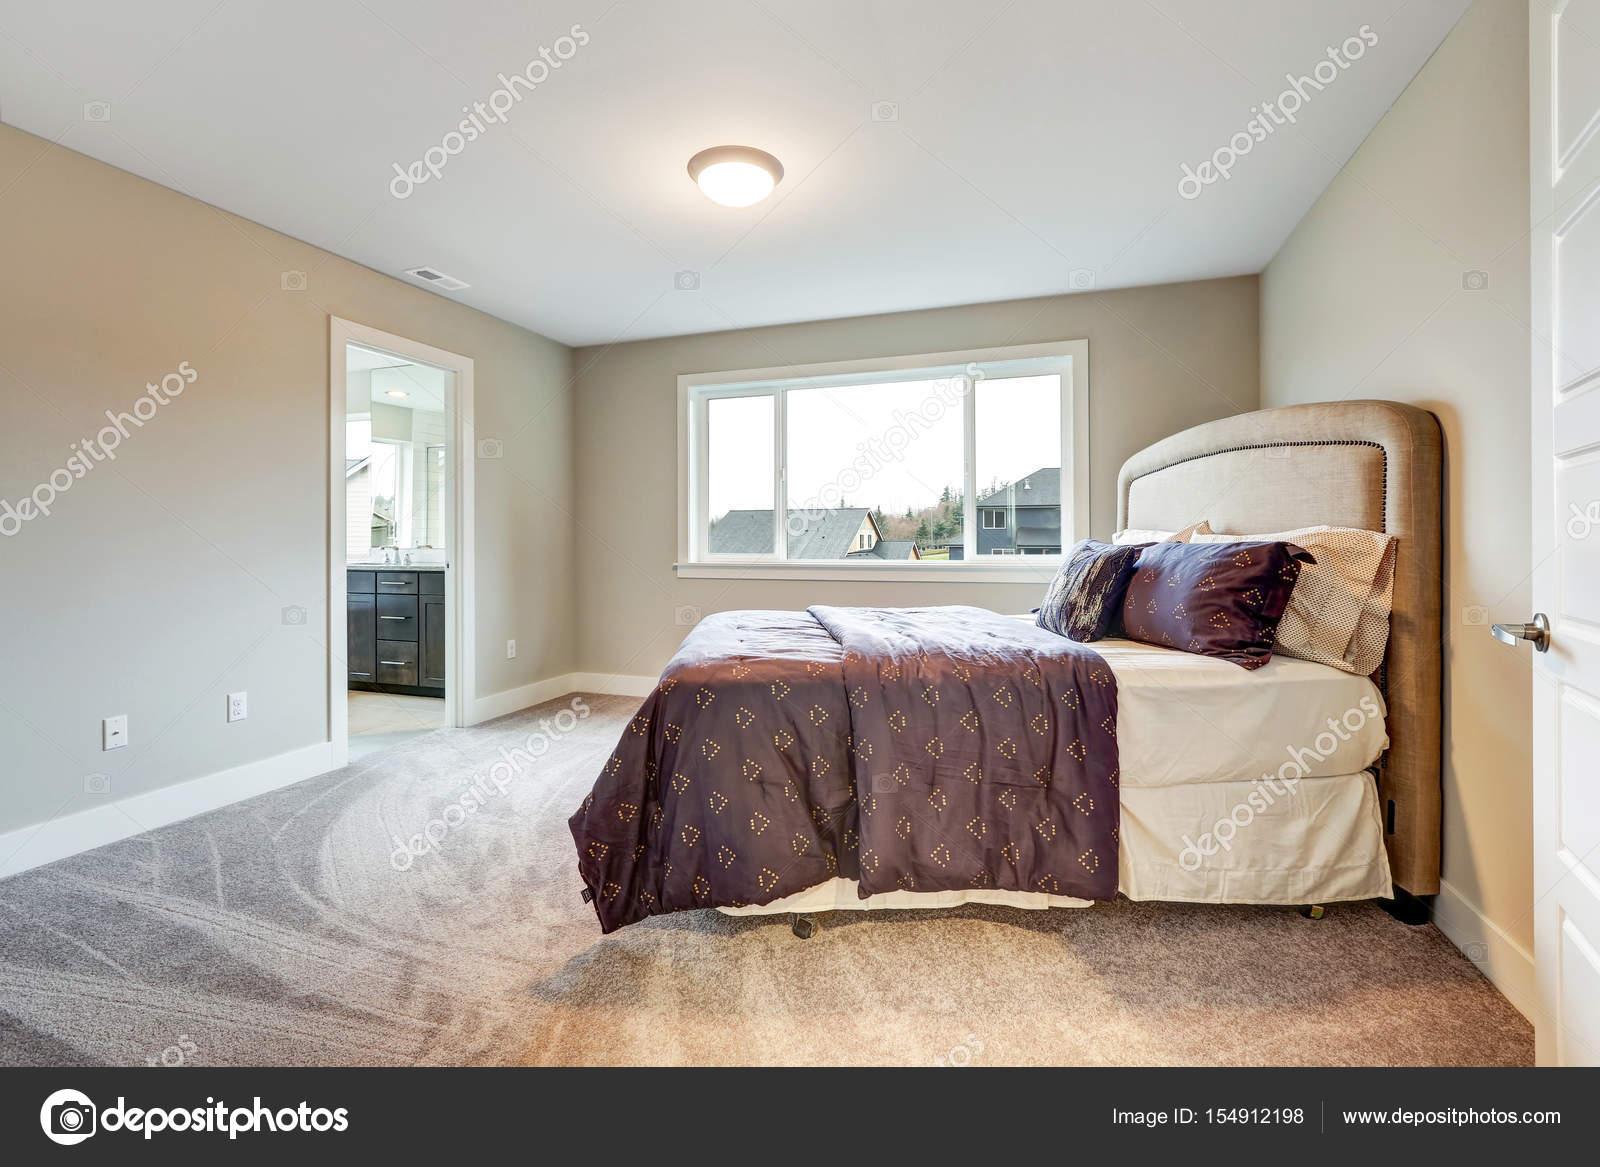 Simple beige camera da letto principale con letto king size letto accentati con testiera imbottita e vestito di marrone biancheria da letto with camera da